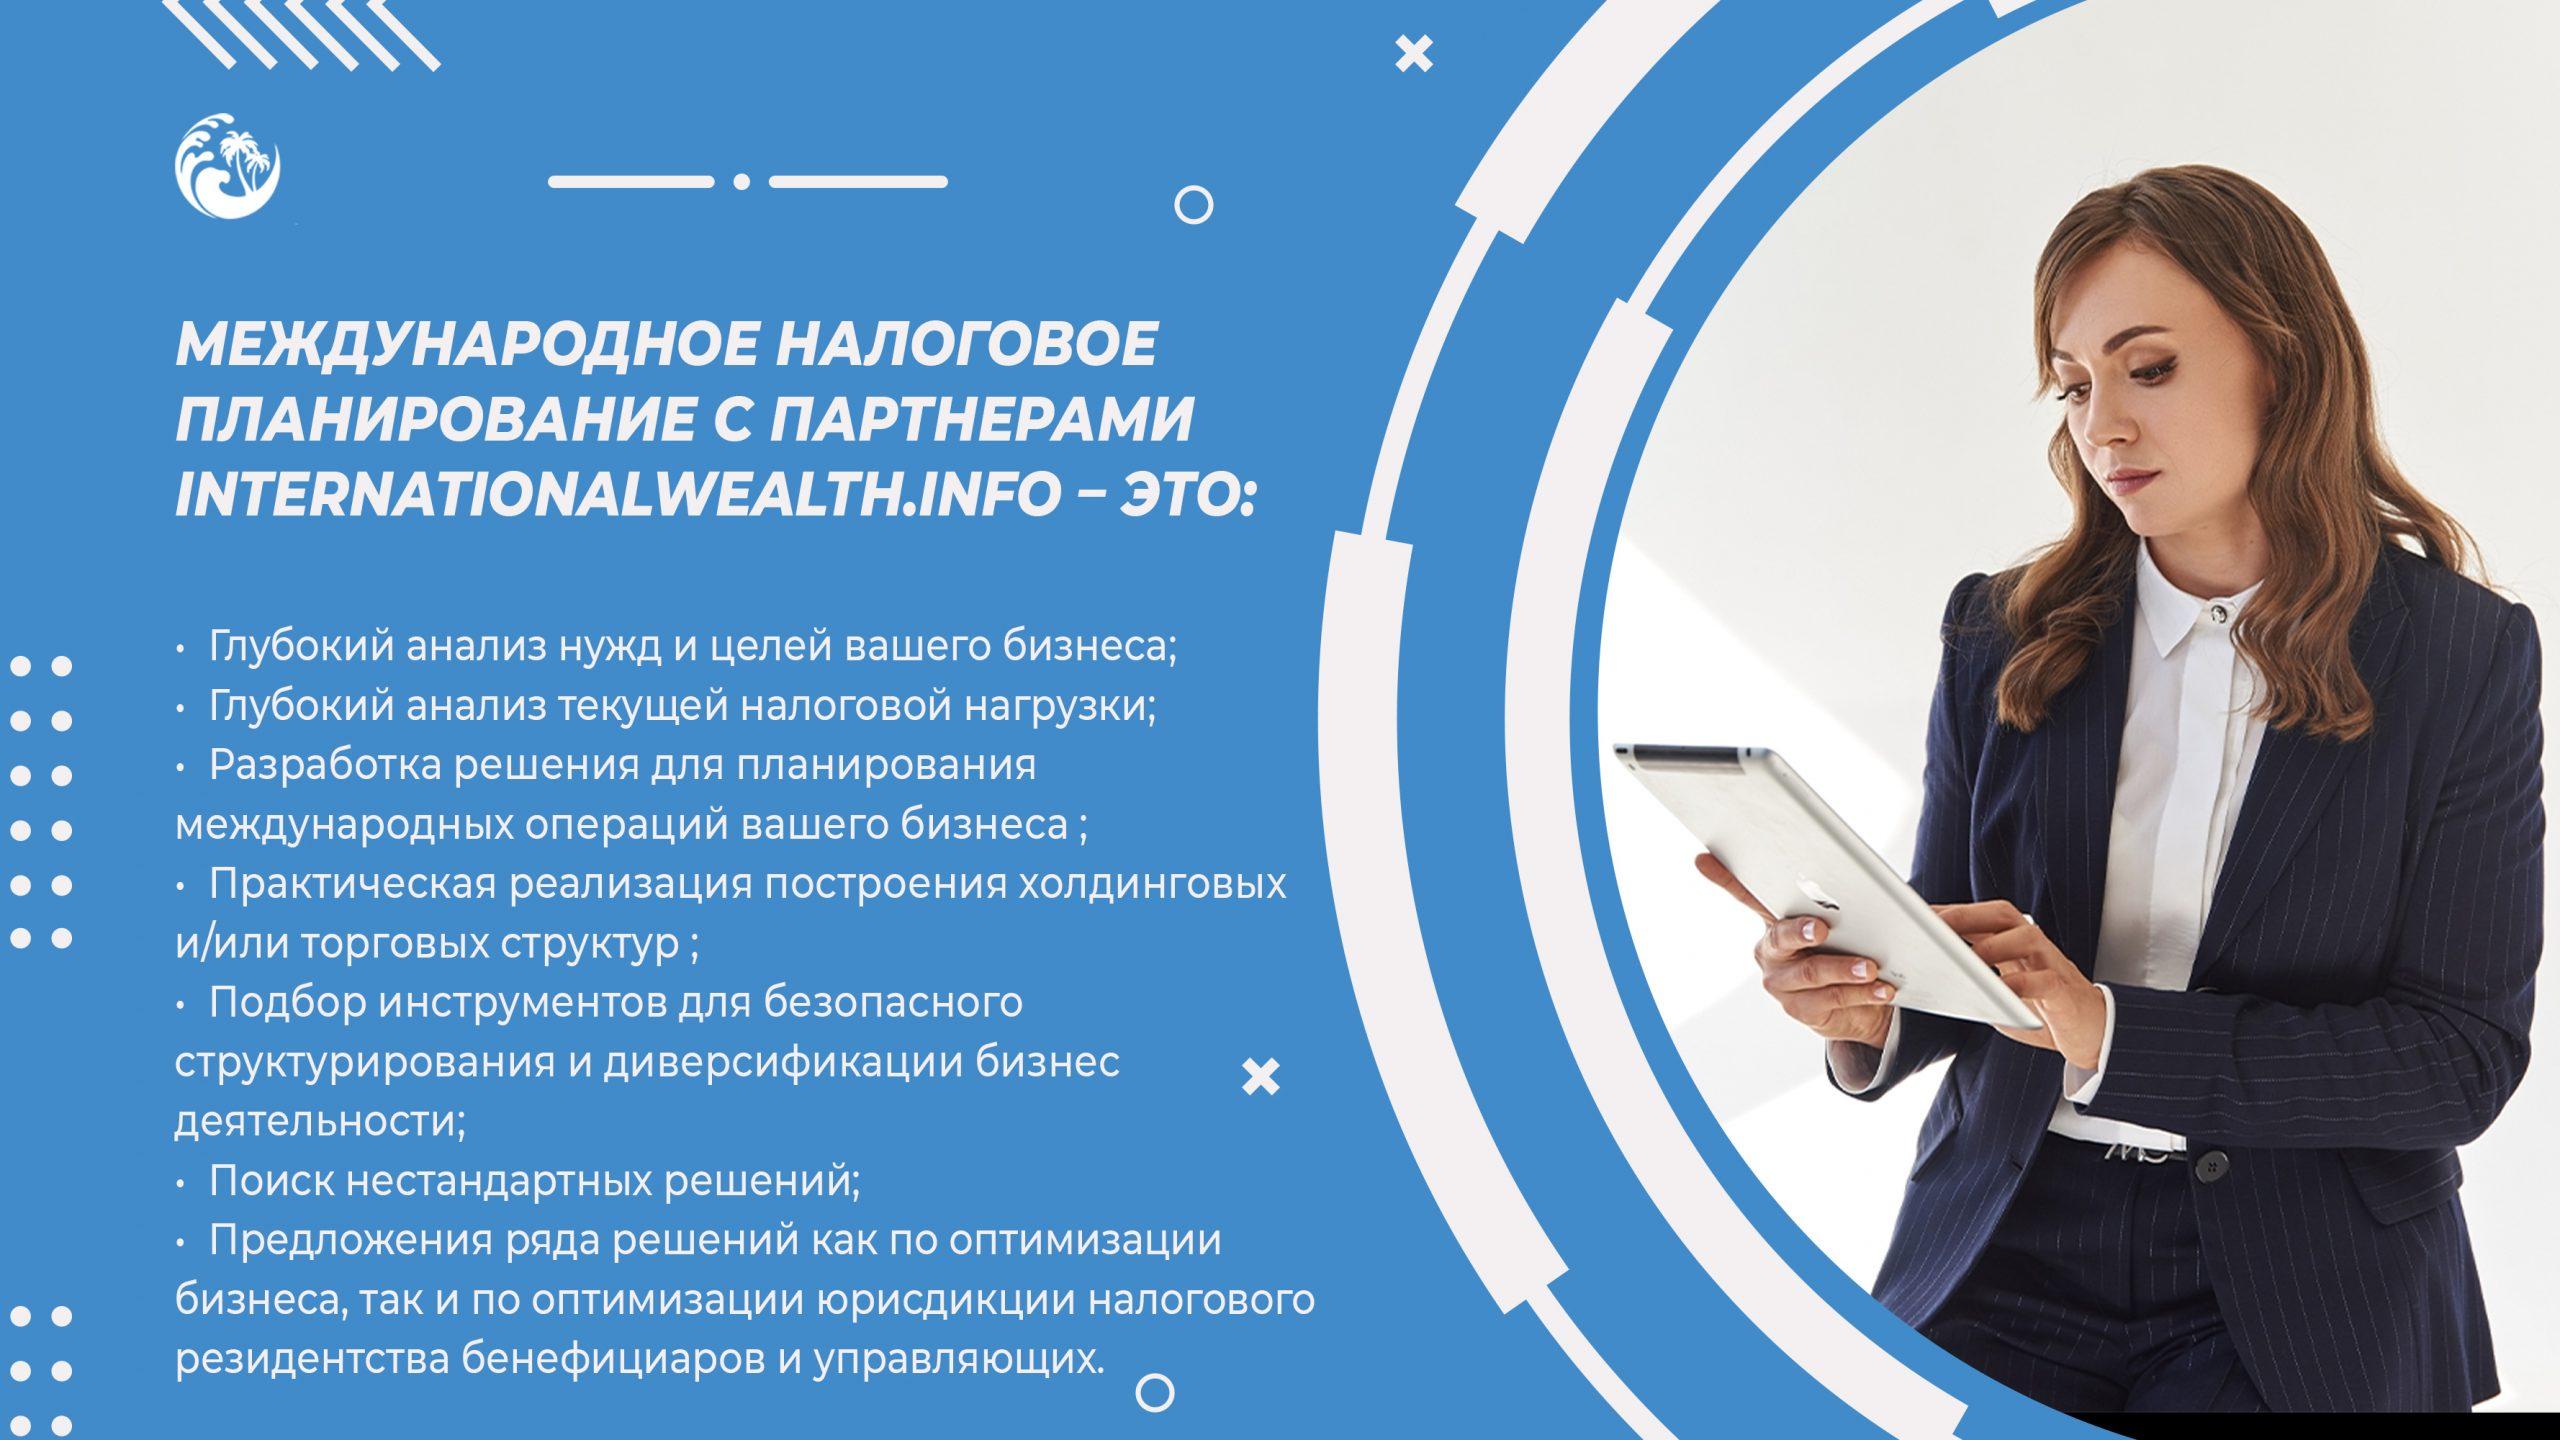 Налоговое планирование и консалтинг от профессионалов International Wealth